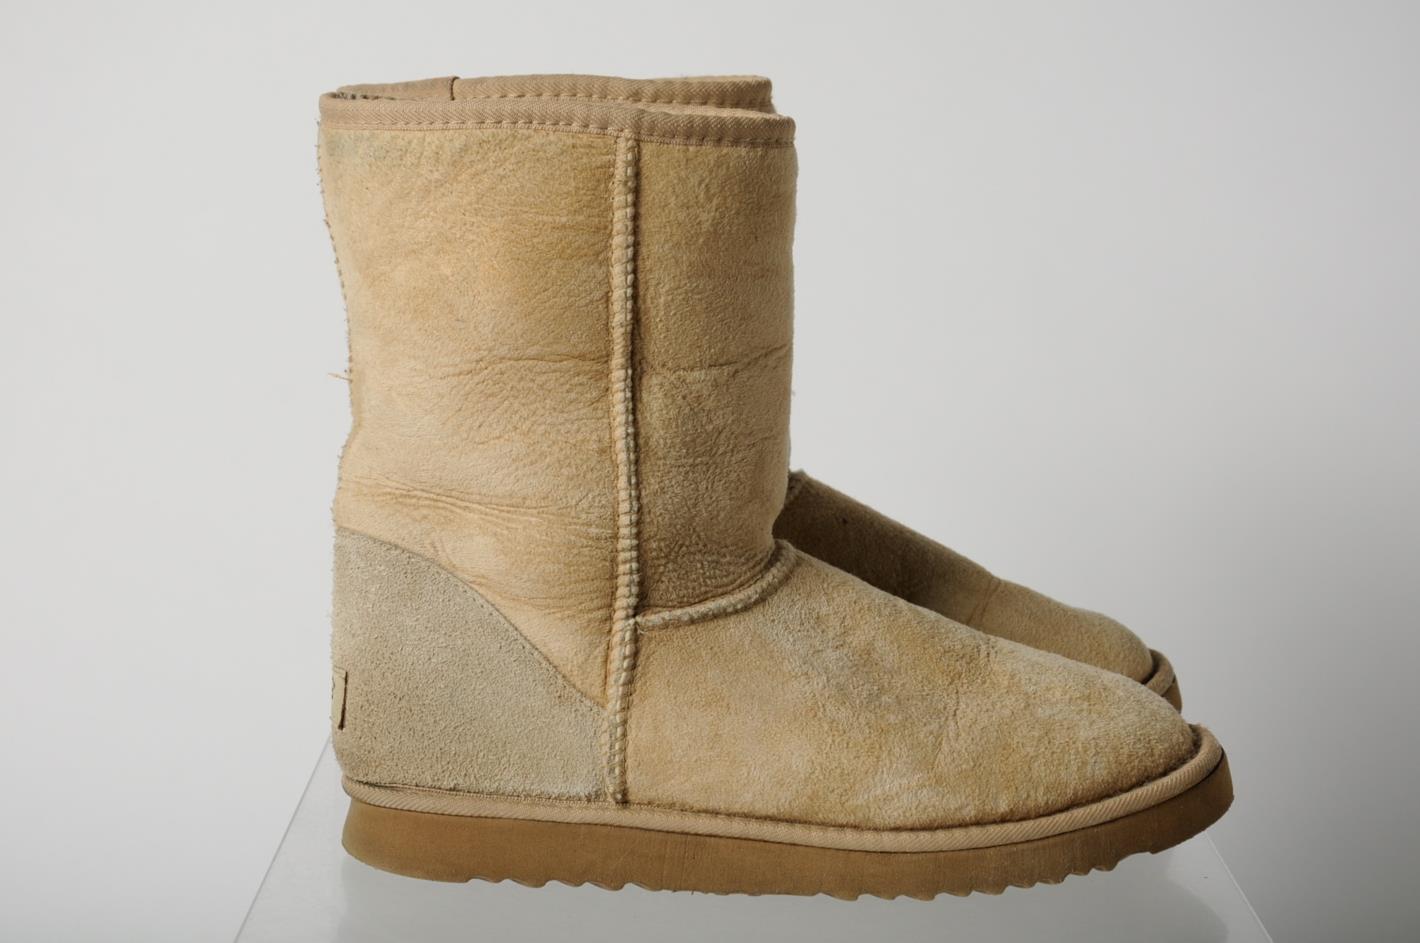 ugg boots sale 5825 uk